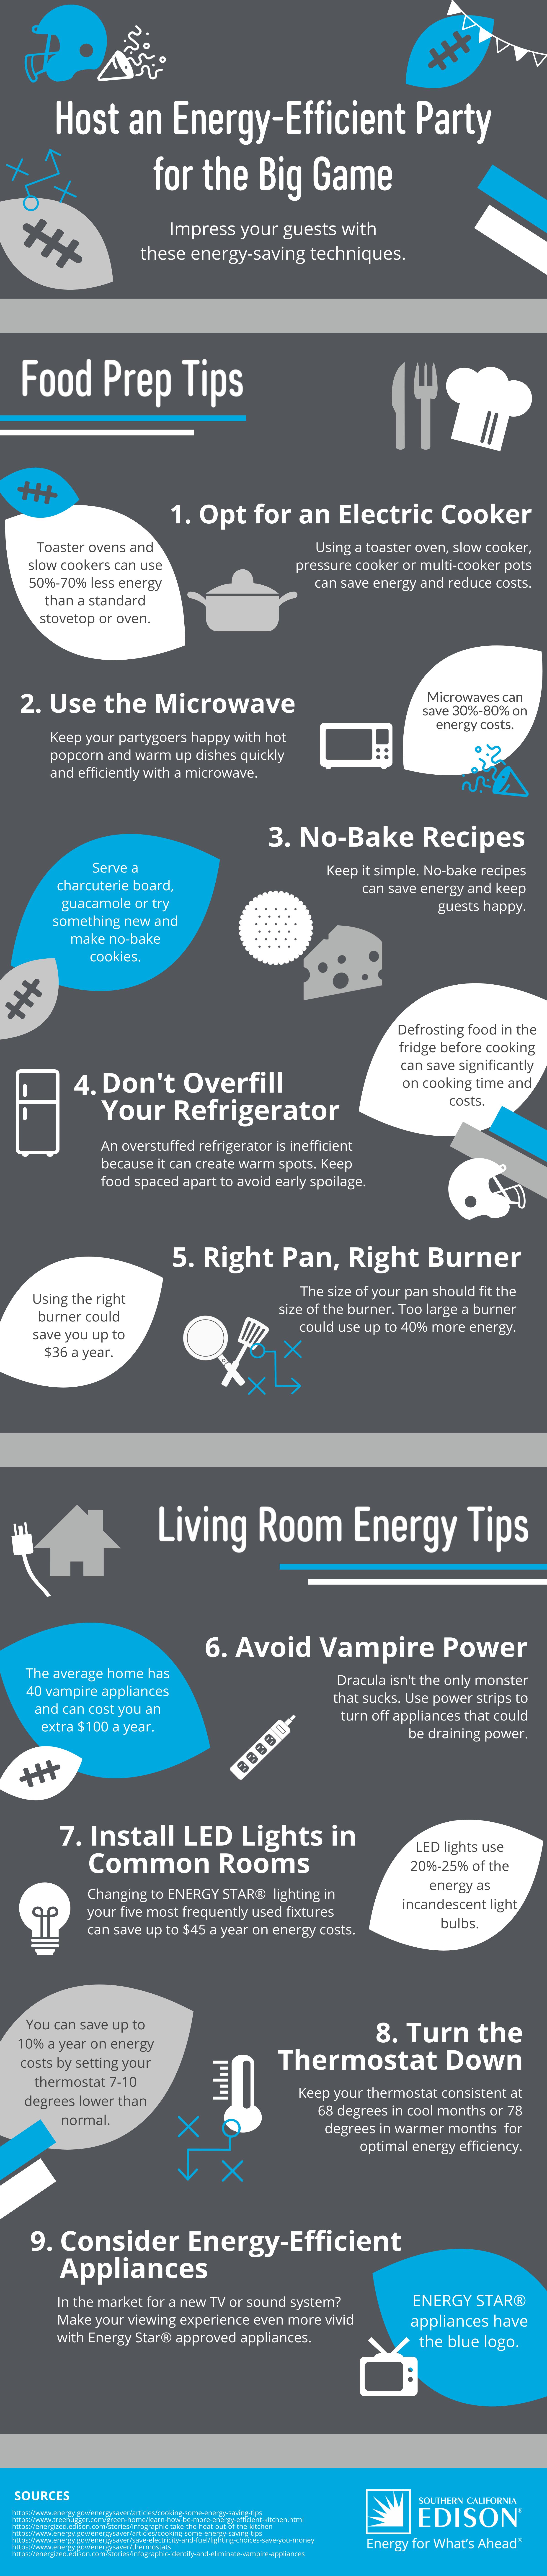 energy-efficient-biggame-infographic02